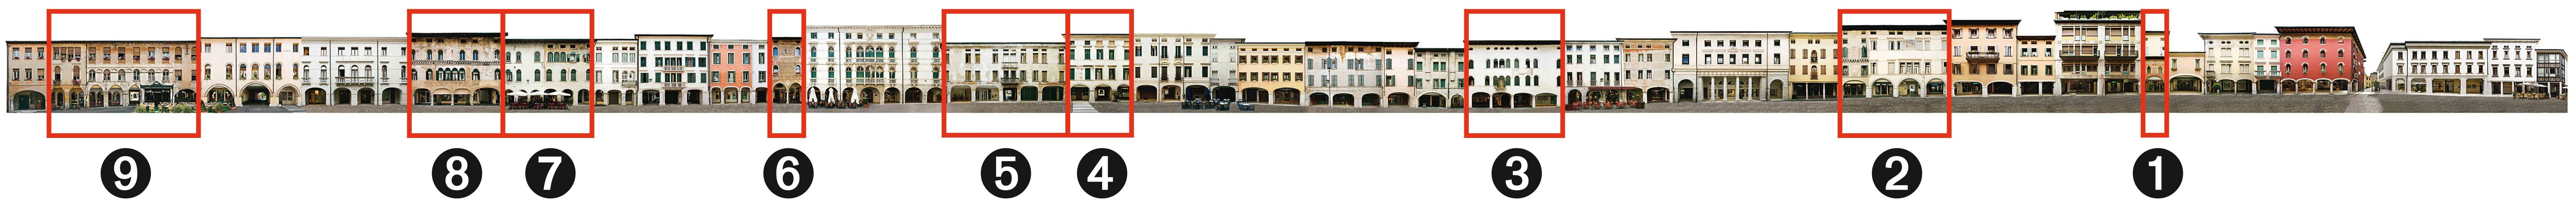 Lato ovest di Corso Vittorio Emanuele - numeri-OLD